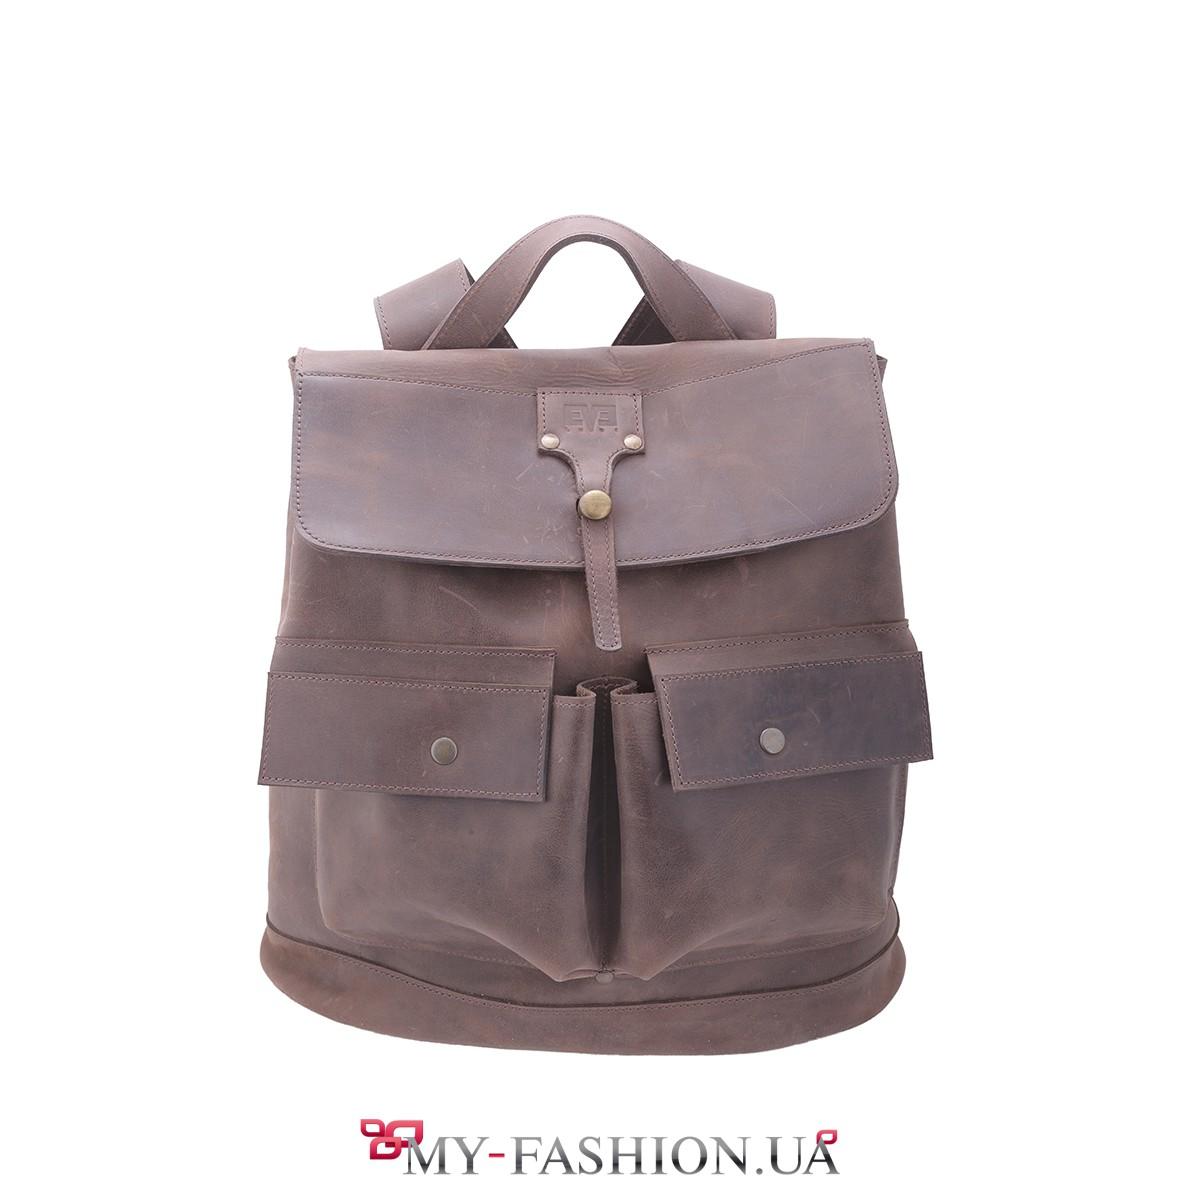 рюкзак для ношения за спиной ребенка украина